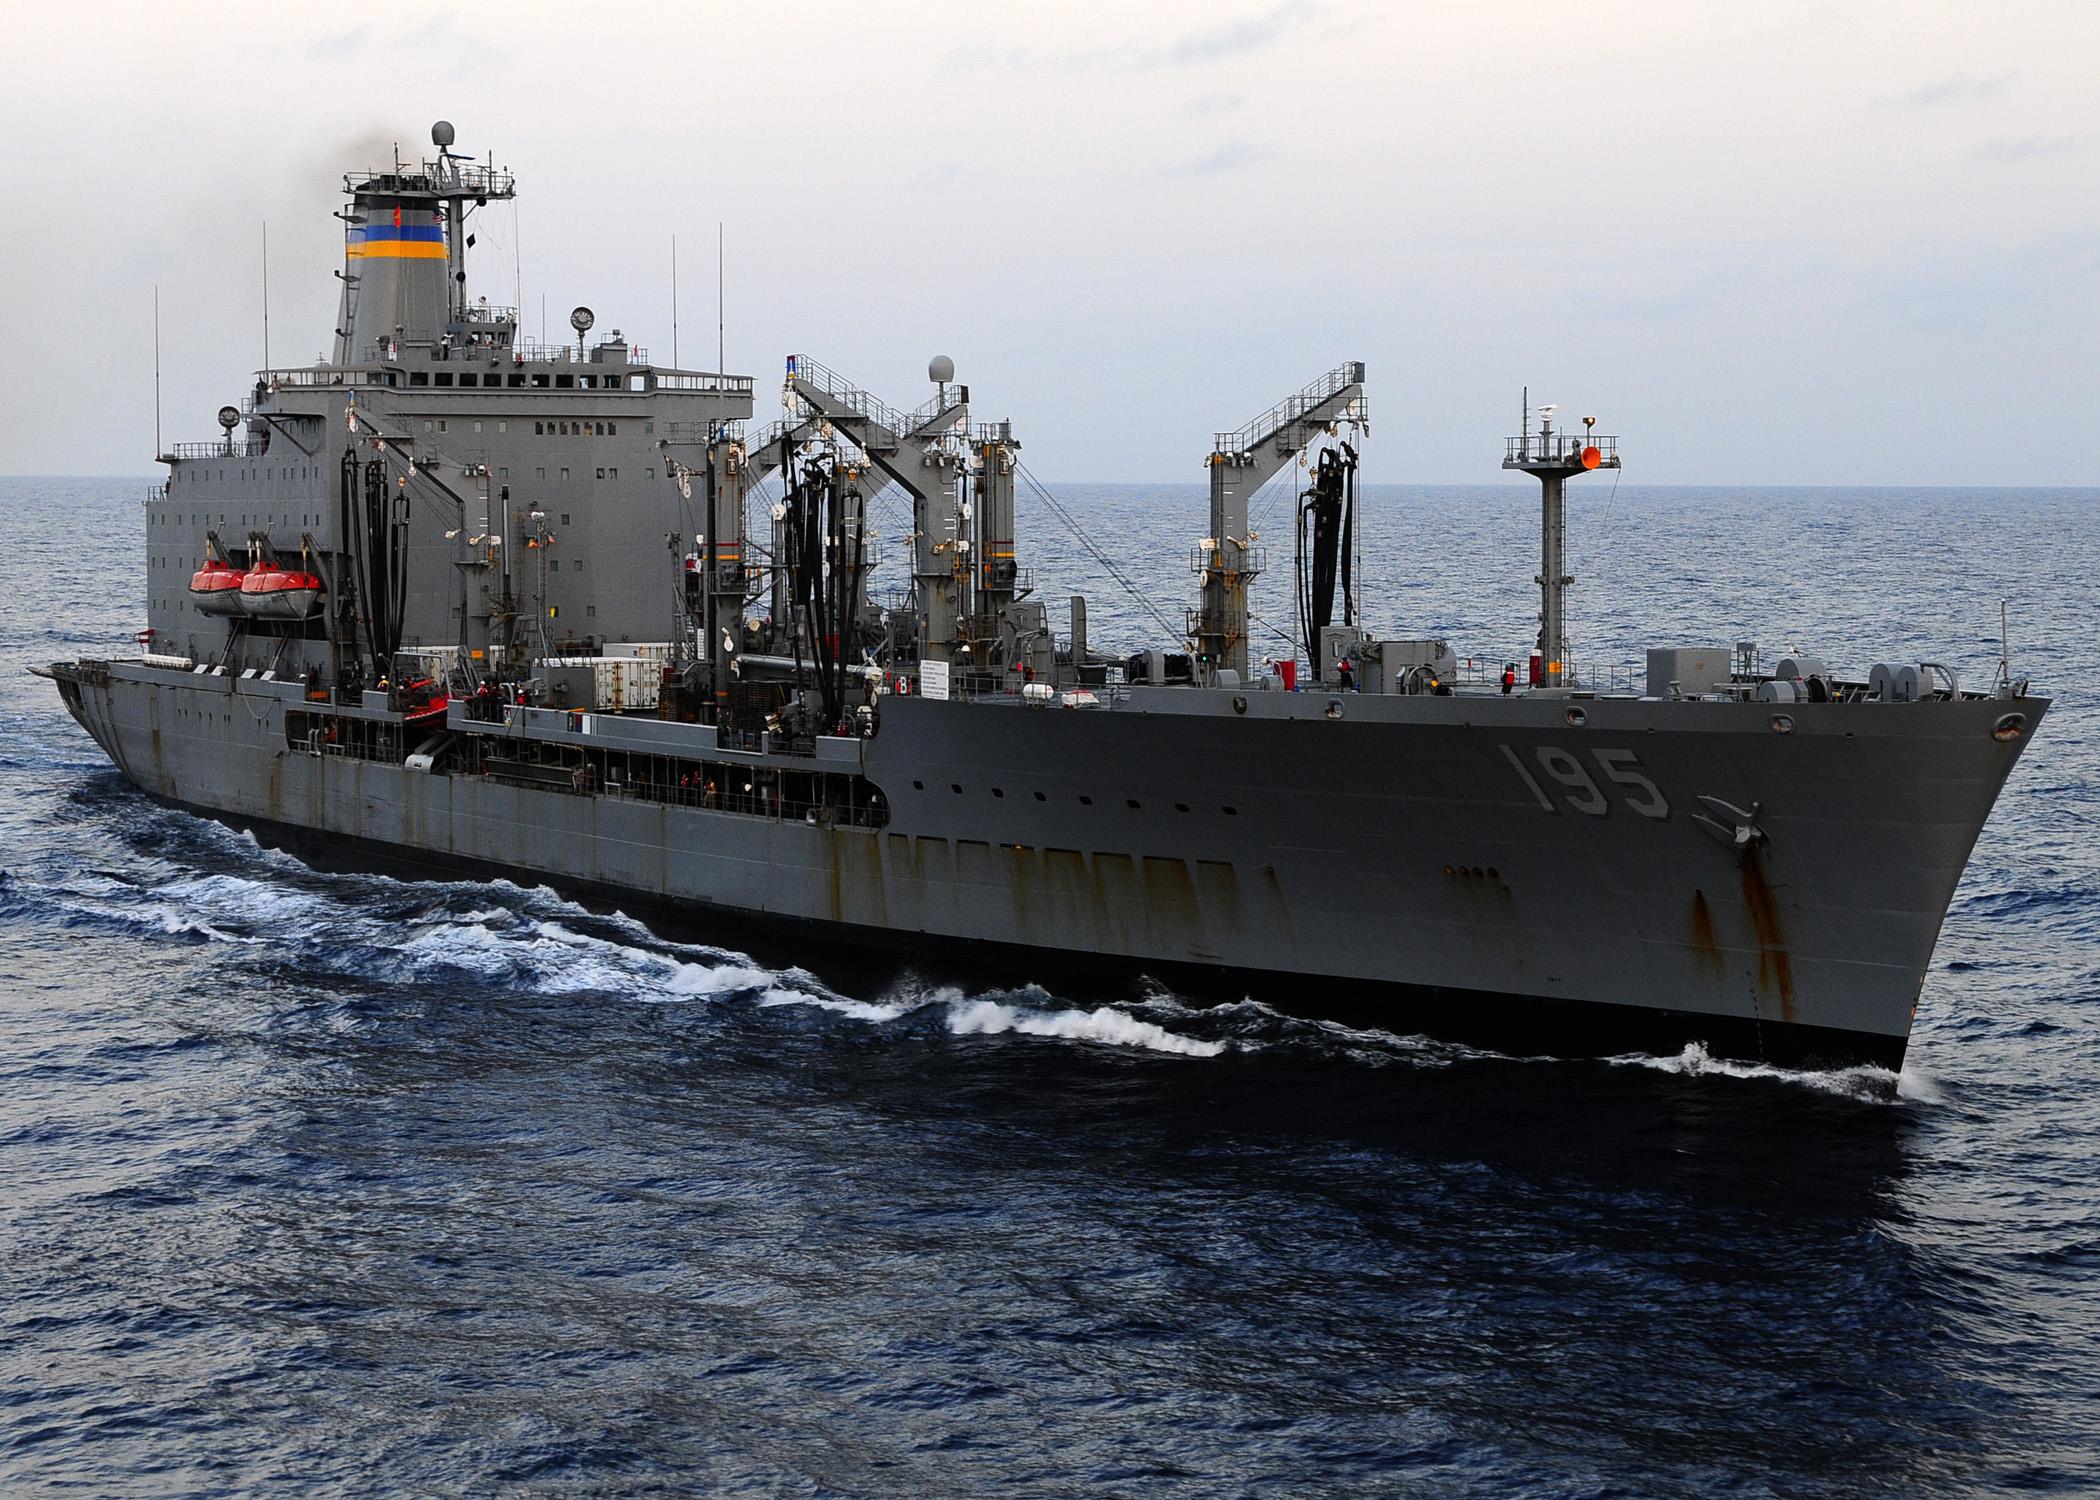 USNS Leroy Grumman (T-AO 195).jpg